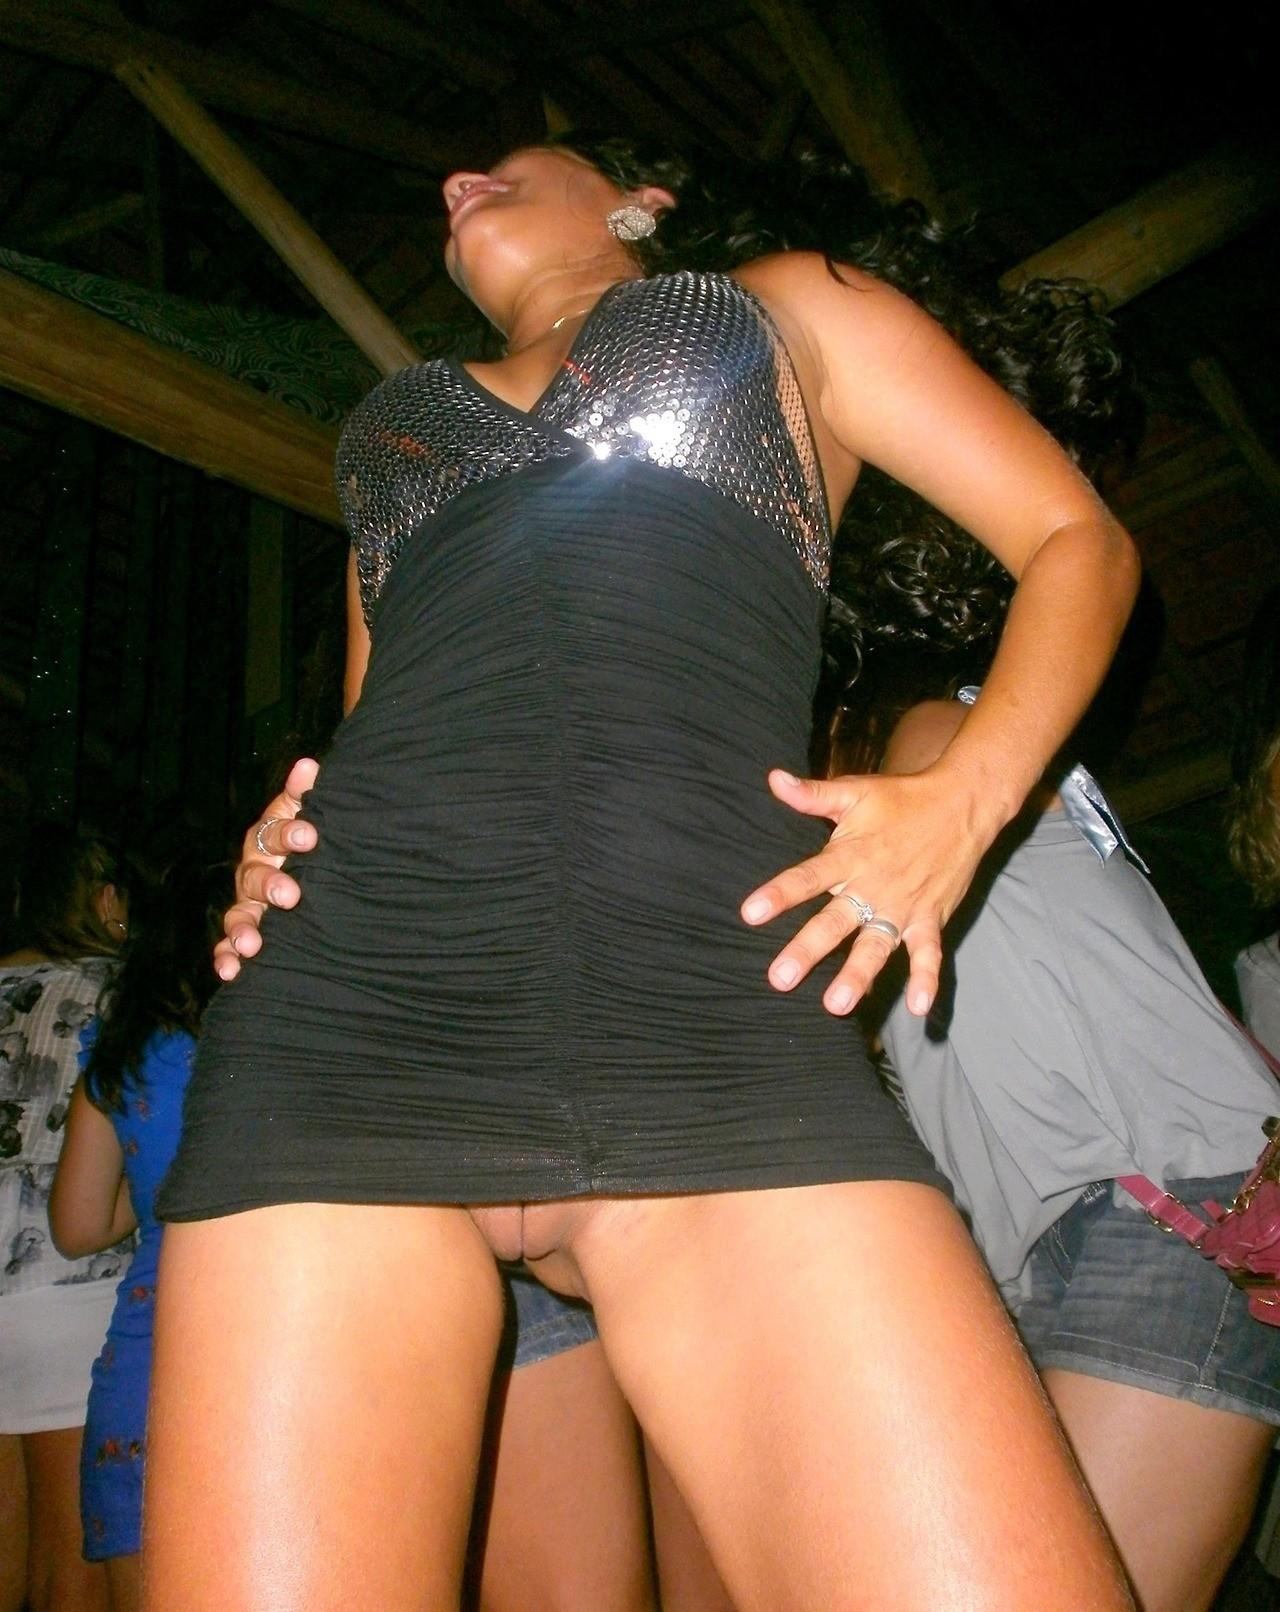 девушка танцует в мини юбке без трусиков - 2